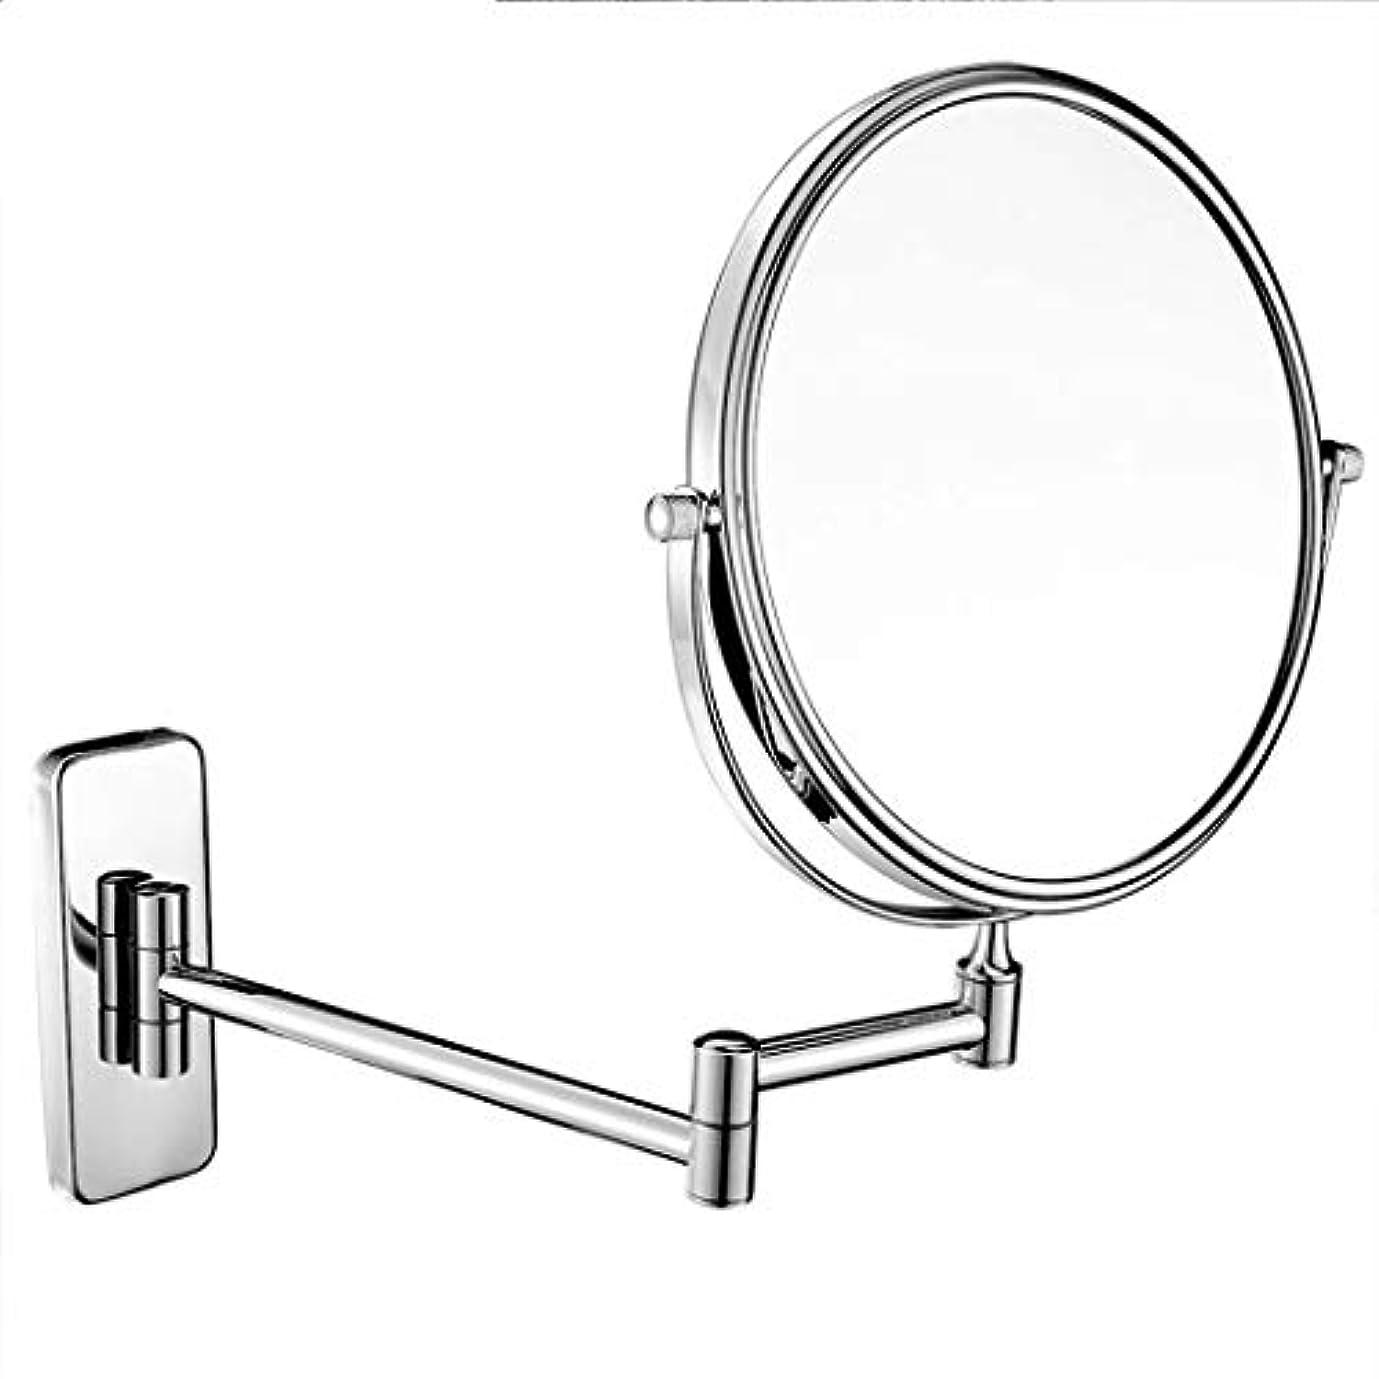 溶けるカテナ合体壁に取り付けられた浴室用ミラー両面化粧鏡3倍/ 5倍/ 7倍/ 10倍拡大虚栄心拡大鏡360°回転、バス、スパ、ホテル用に拡張可能 (色 : クロム, サイズ さいず : 7x-6 inch)